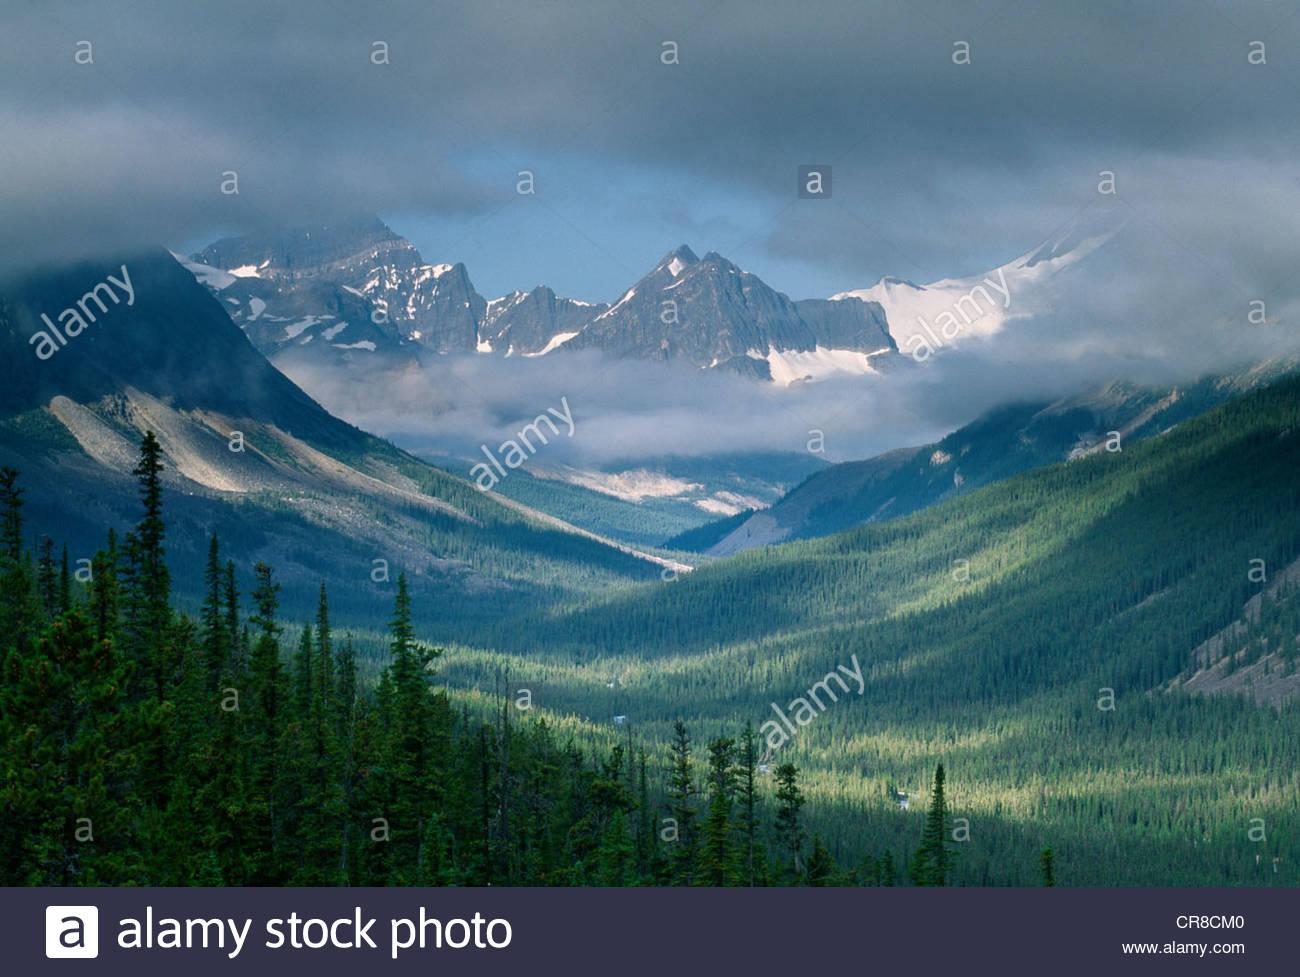 Kanadischen Rocky Mountains, Banff Nationalpark, Alberta, Kanada Stockbild